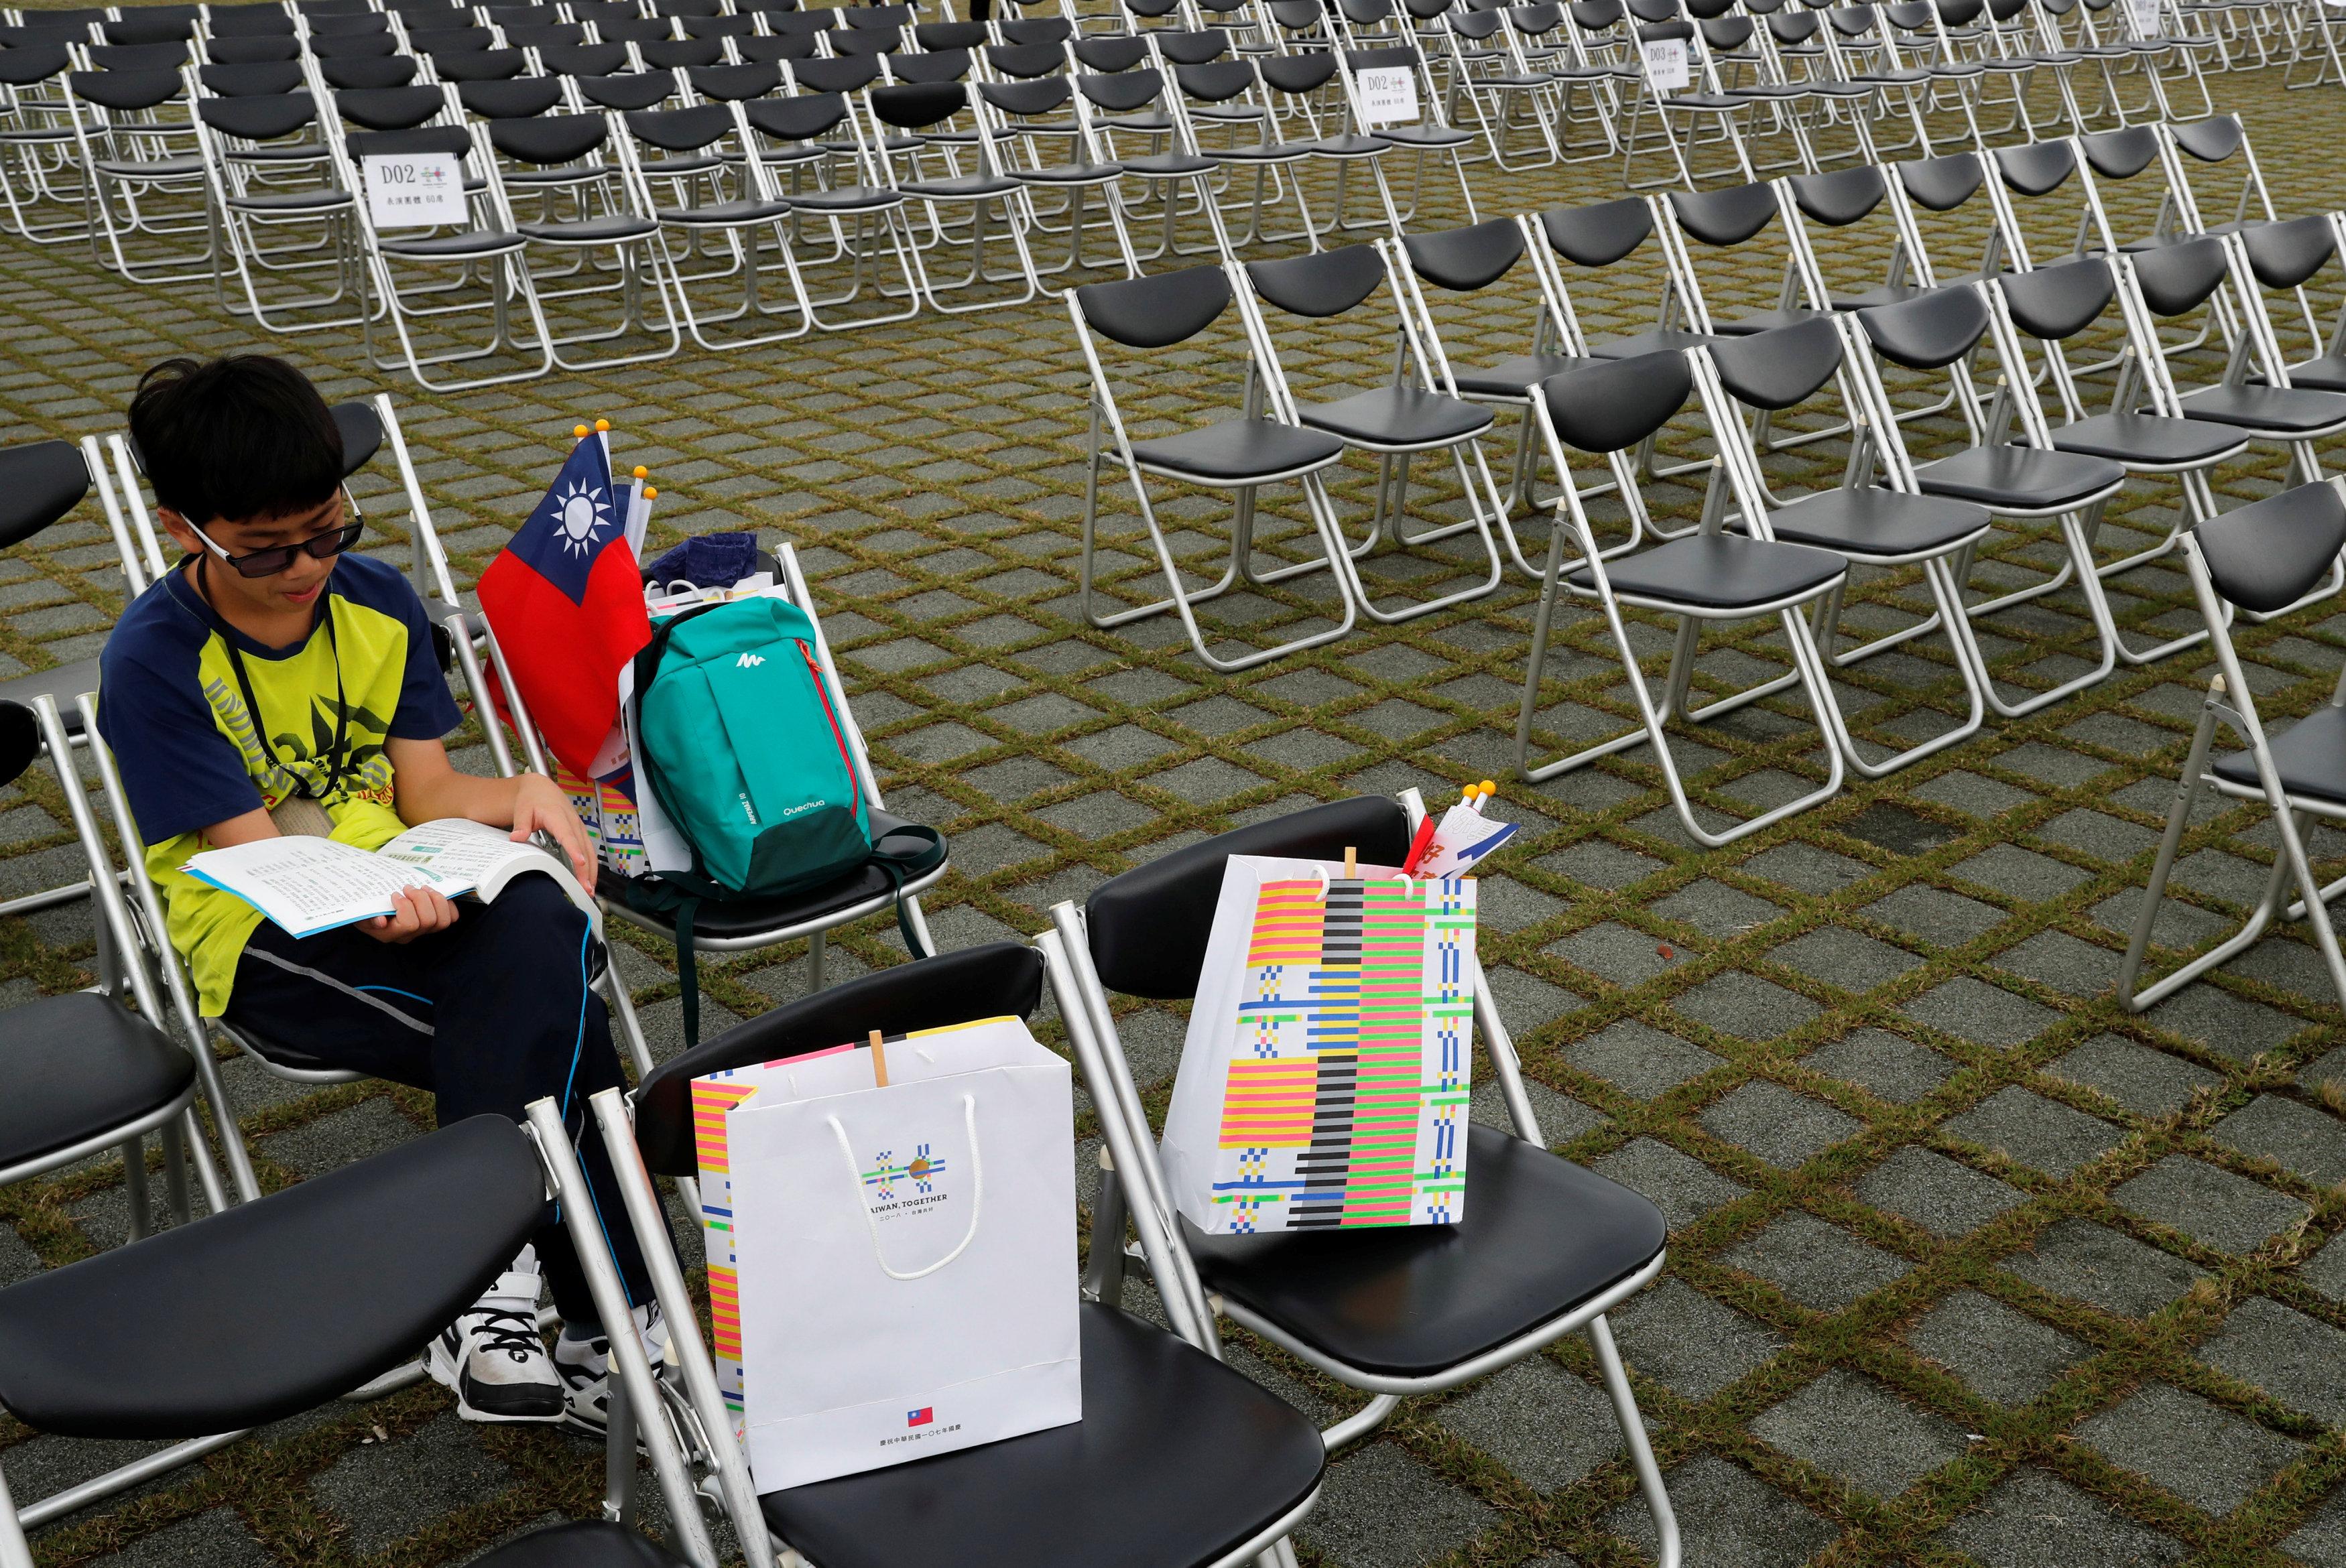 طفل يستعد للاحتفال باليوم الوطنى بالقراءة